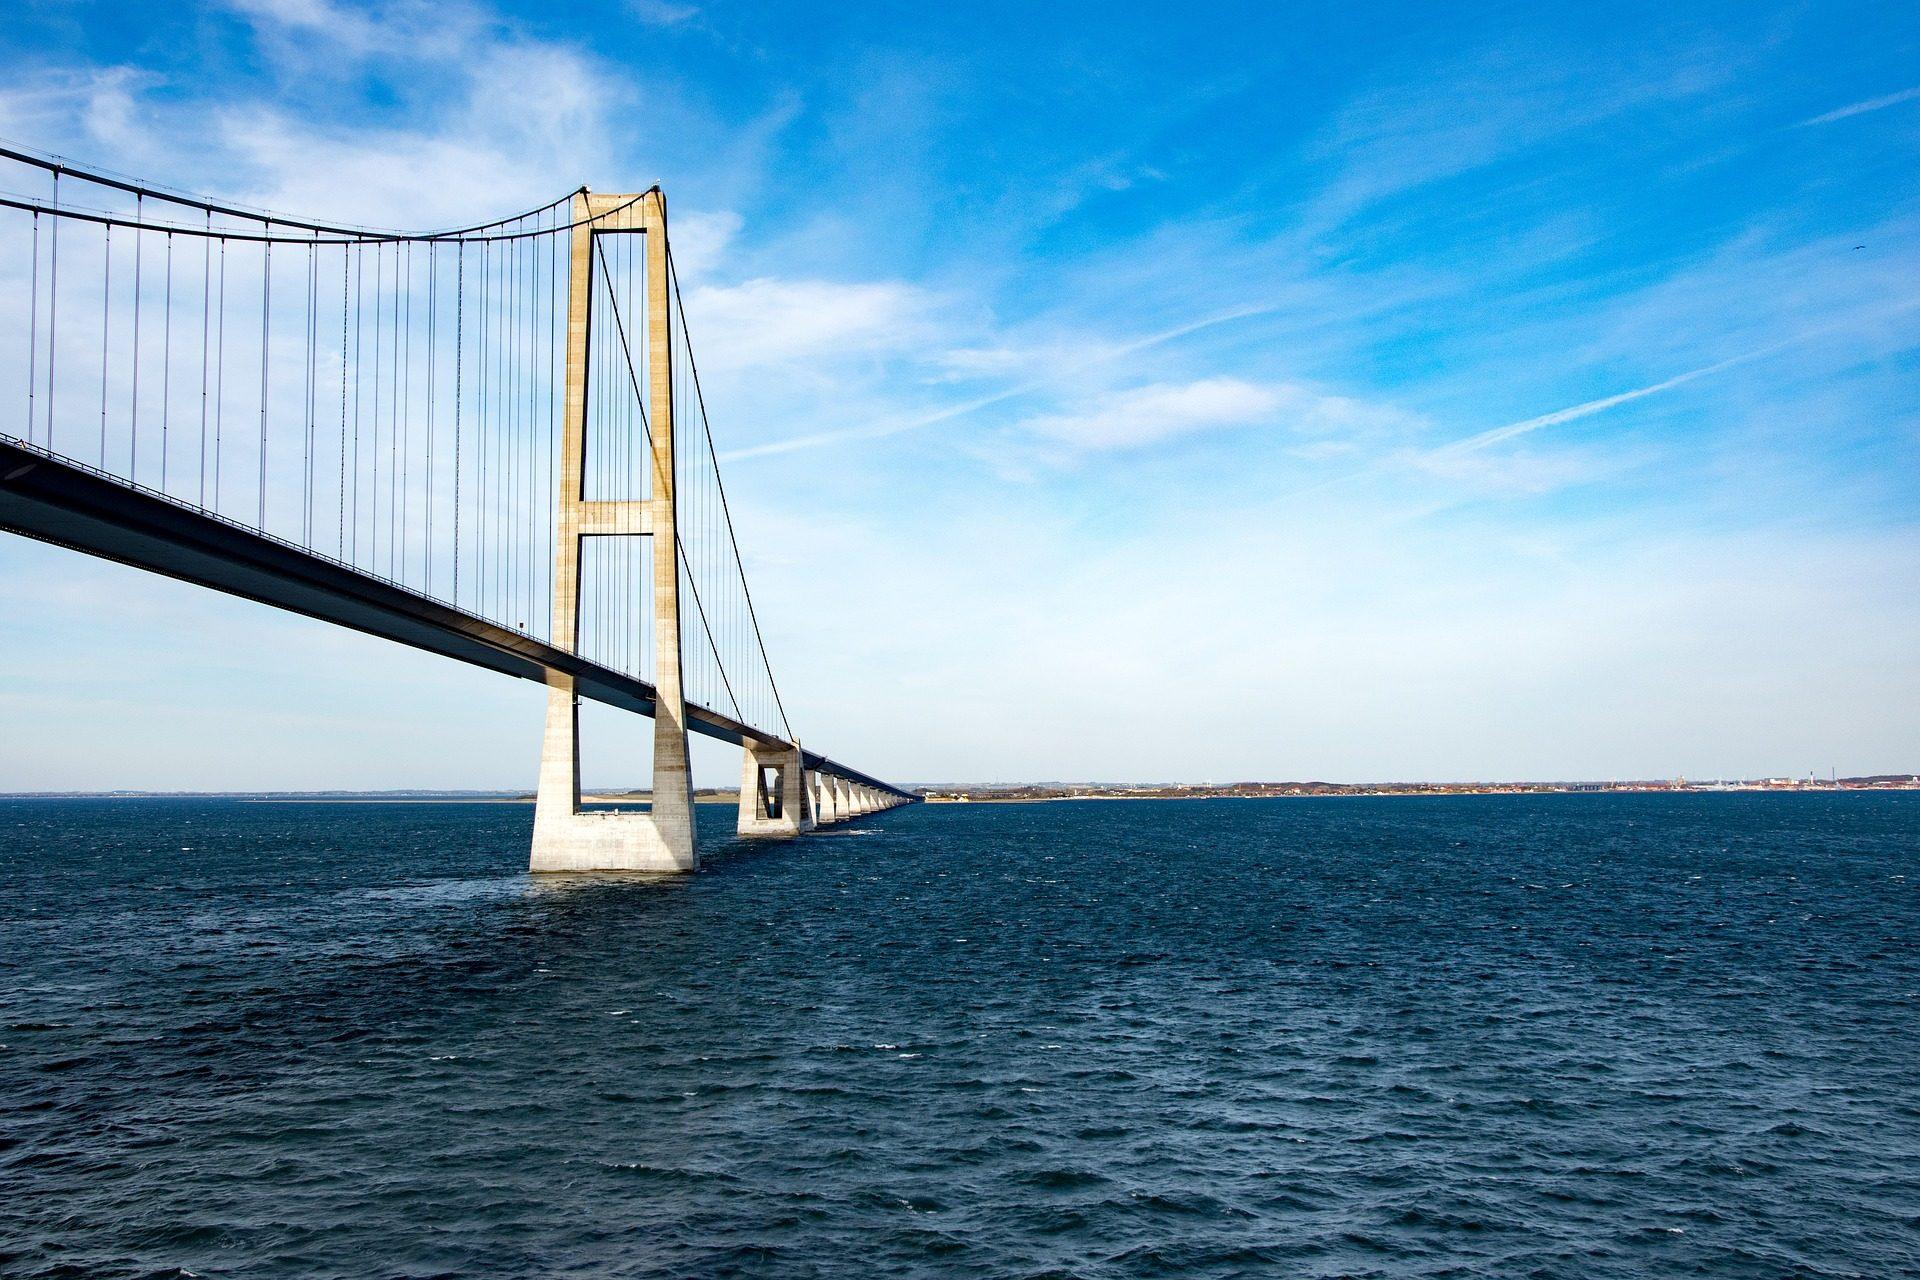 桥梁, 电缆, 紧固系统, 海, 水, 天空 - 高清壁纸 - 教授-falken.com